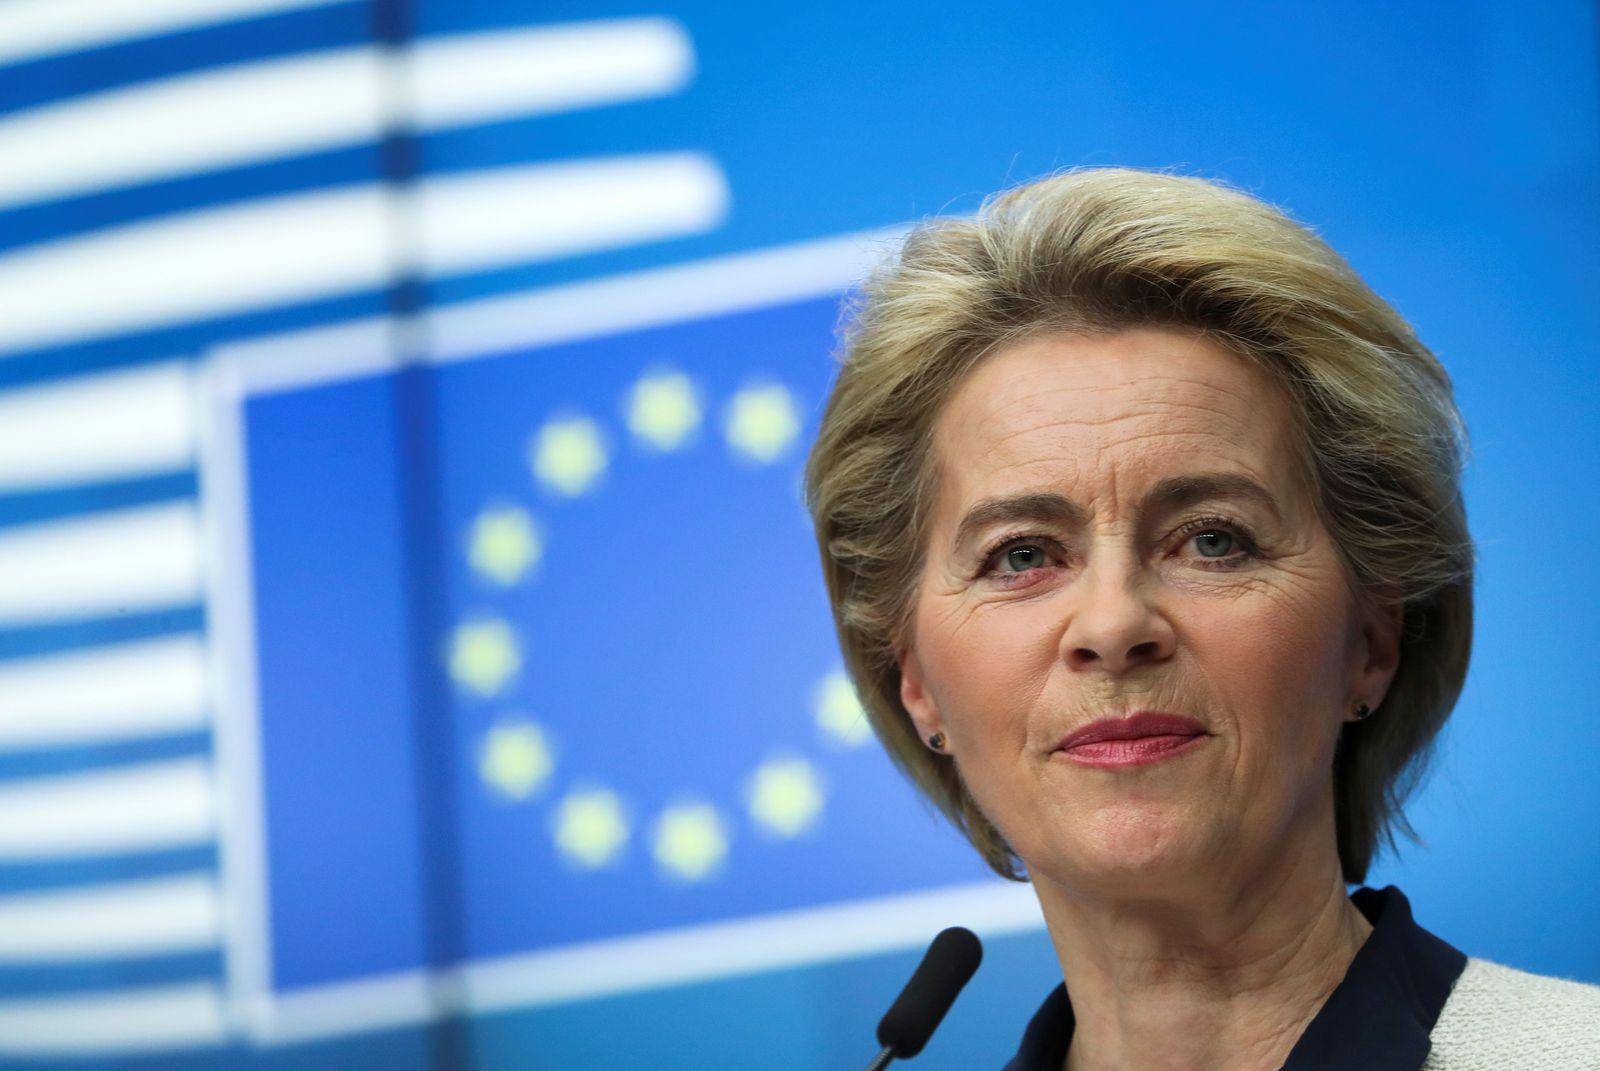 EU-SUMMIT/ Ursula von der Leyen